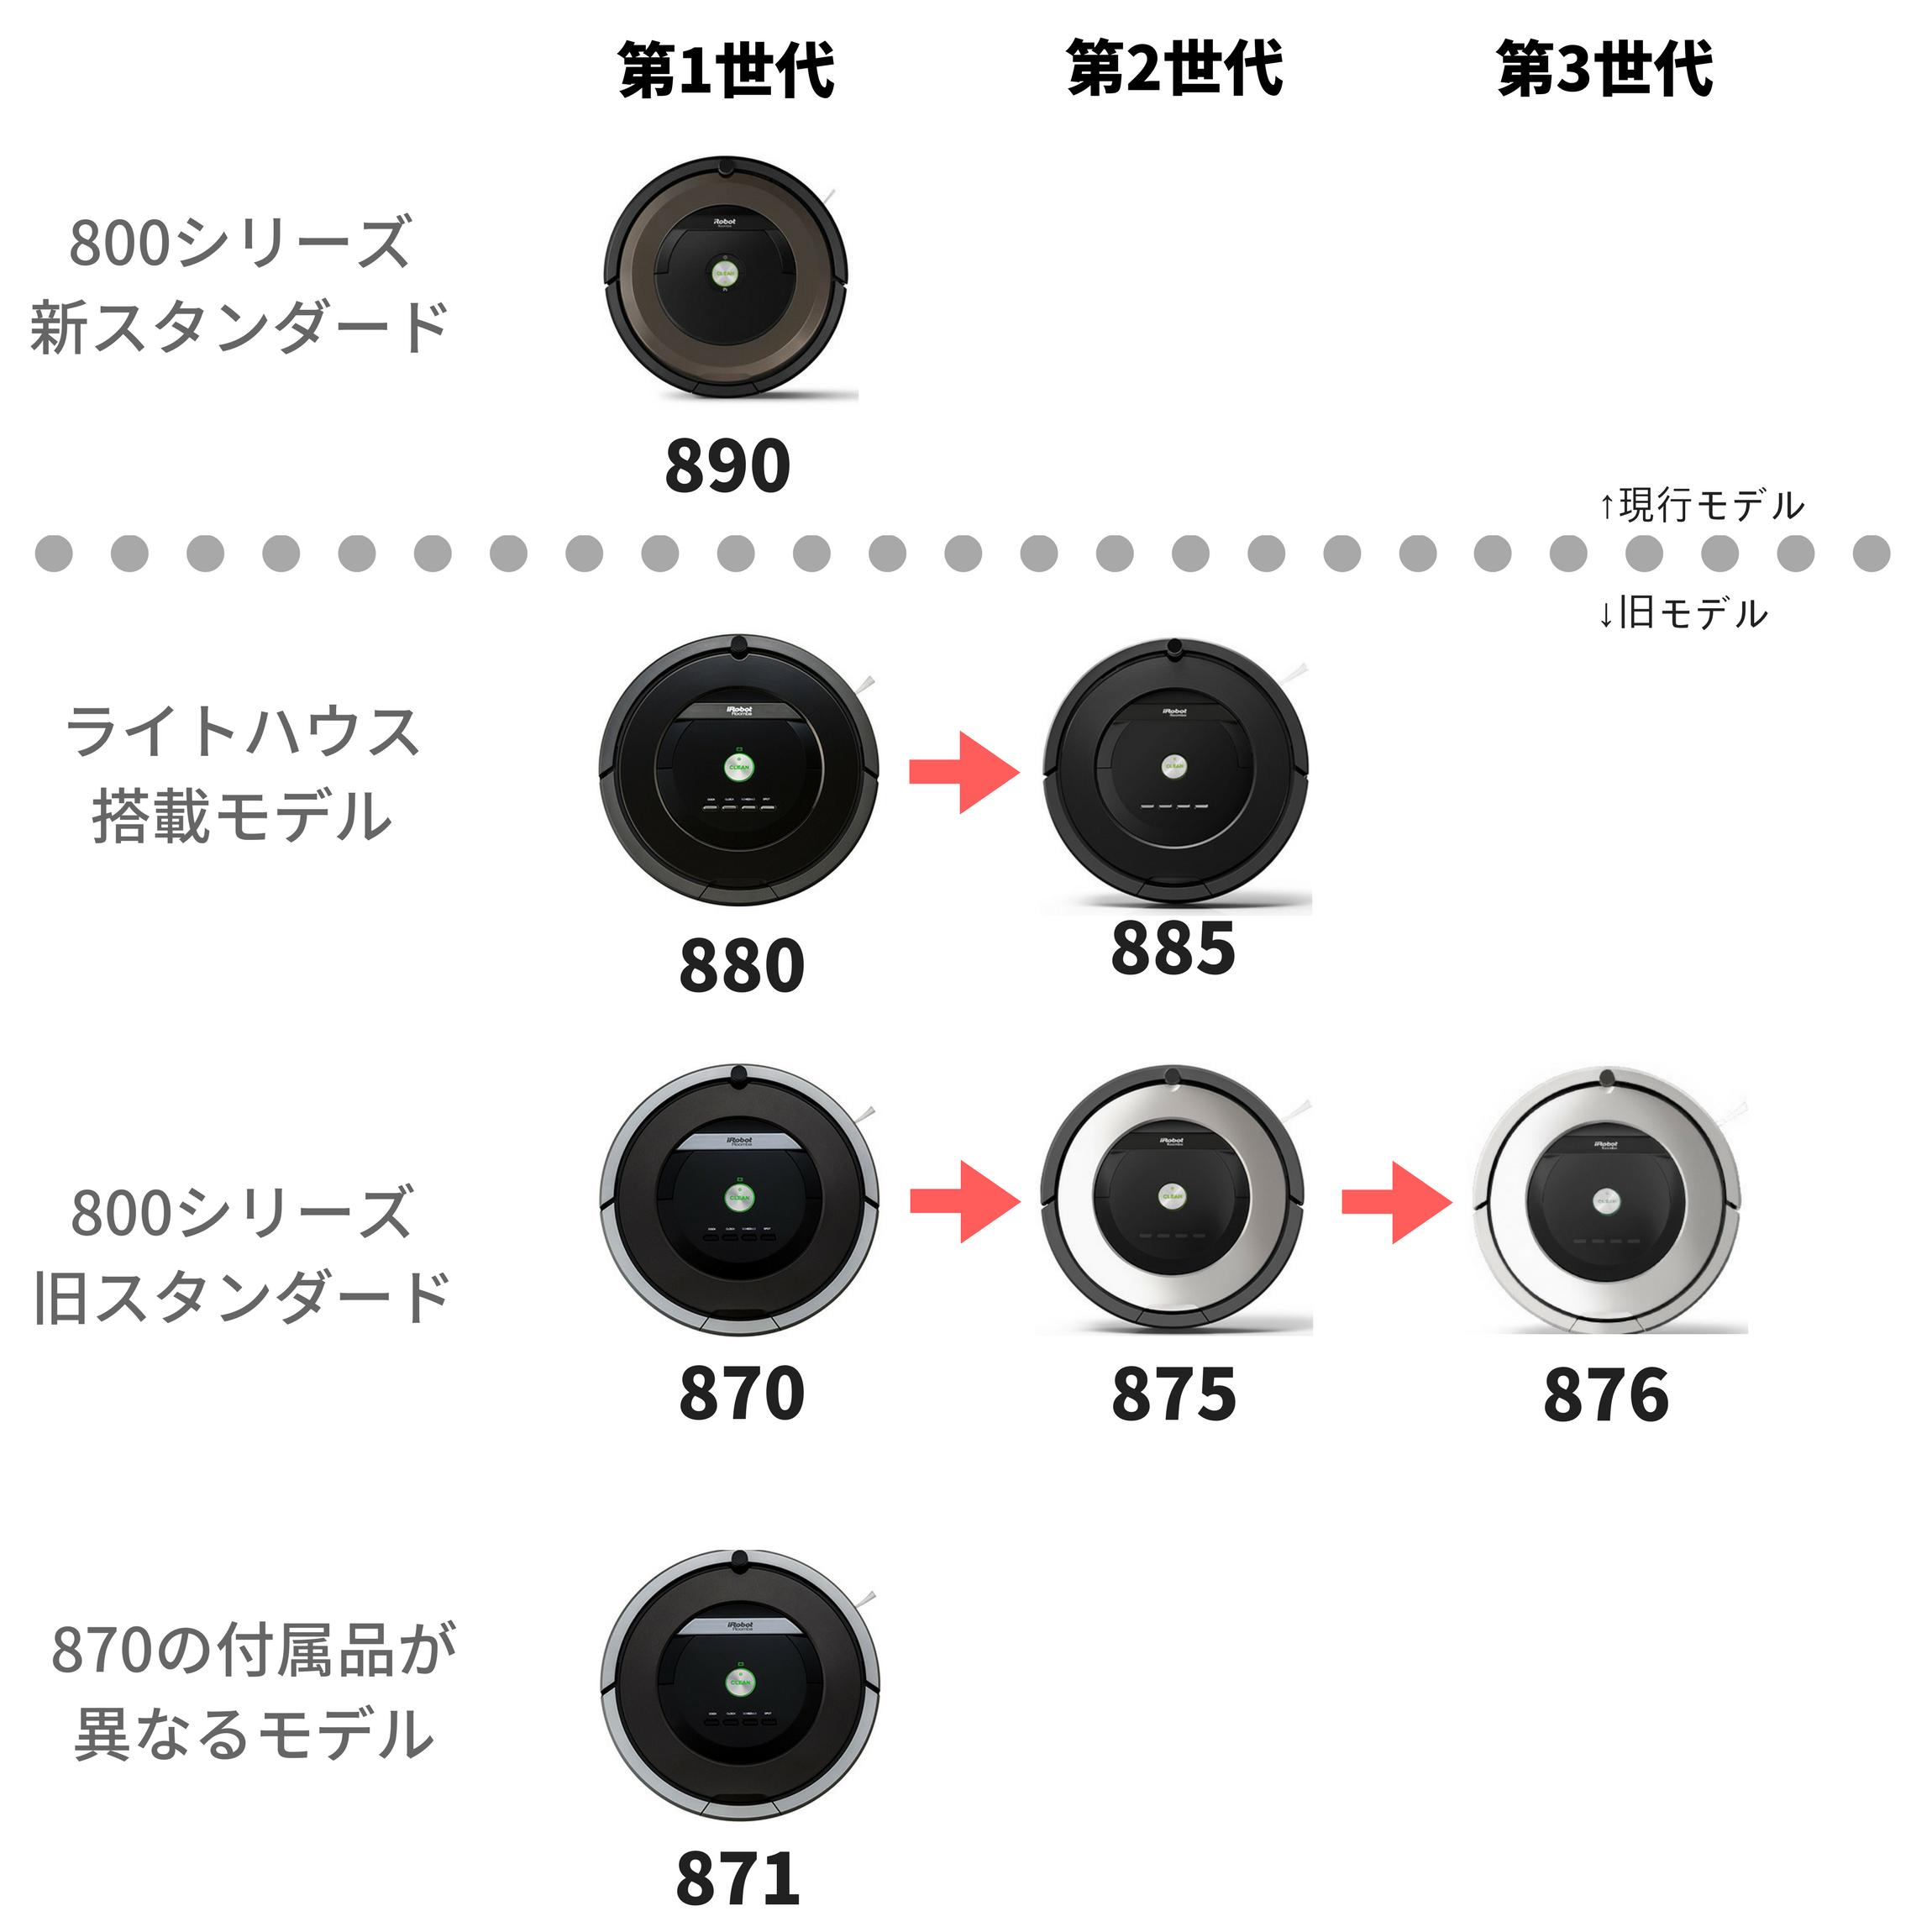 ルンバ800シリーズ進化の変遷